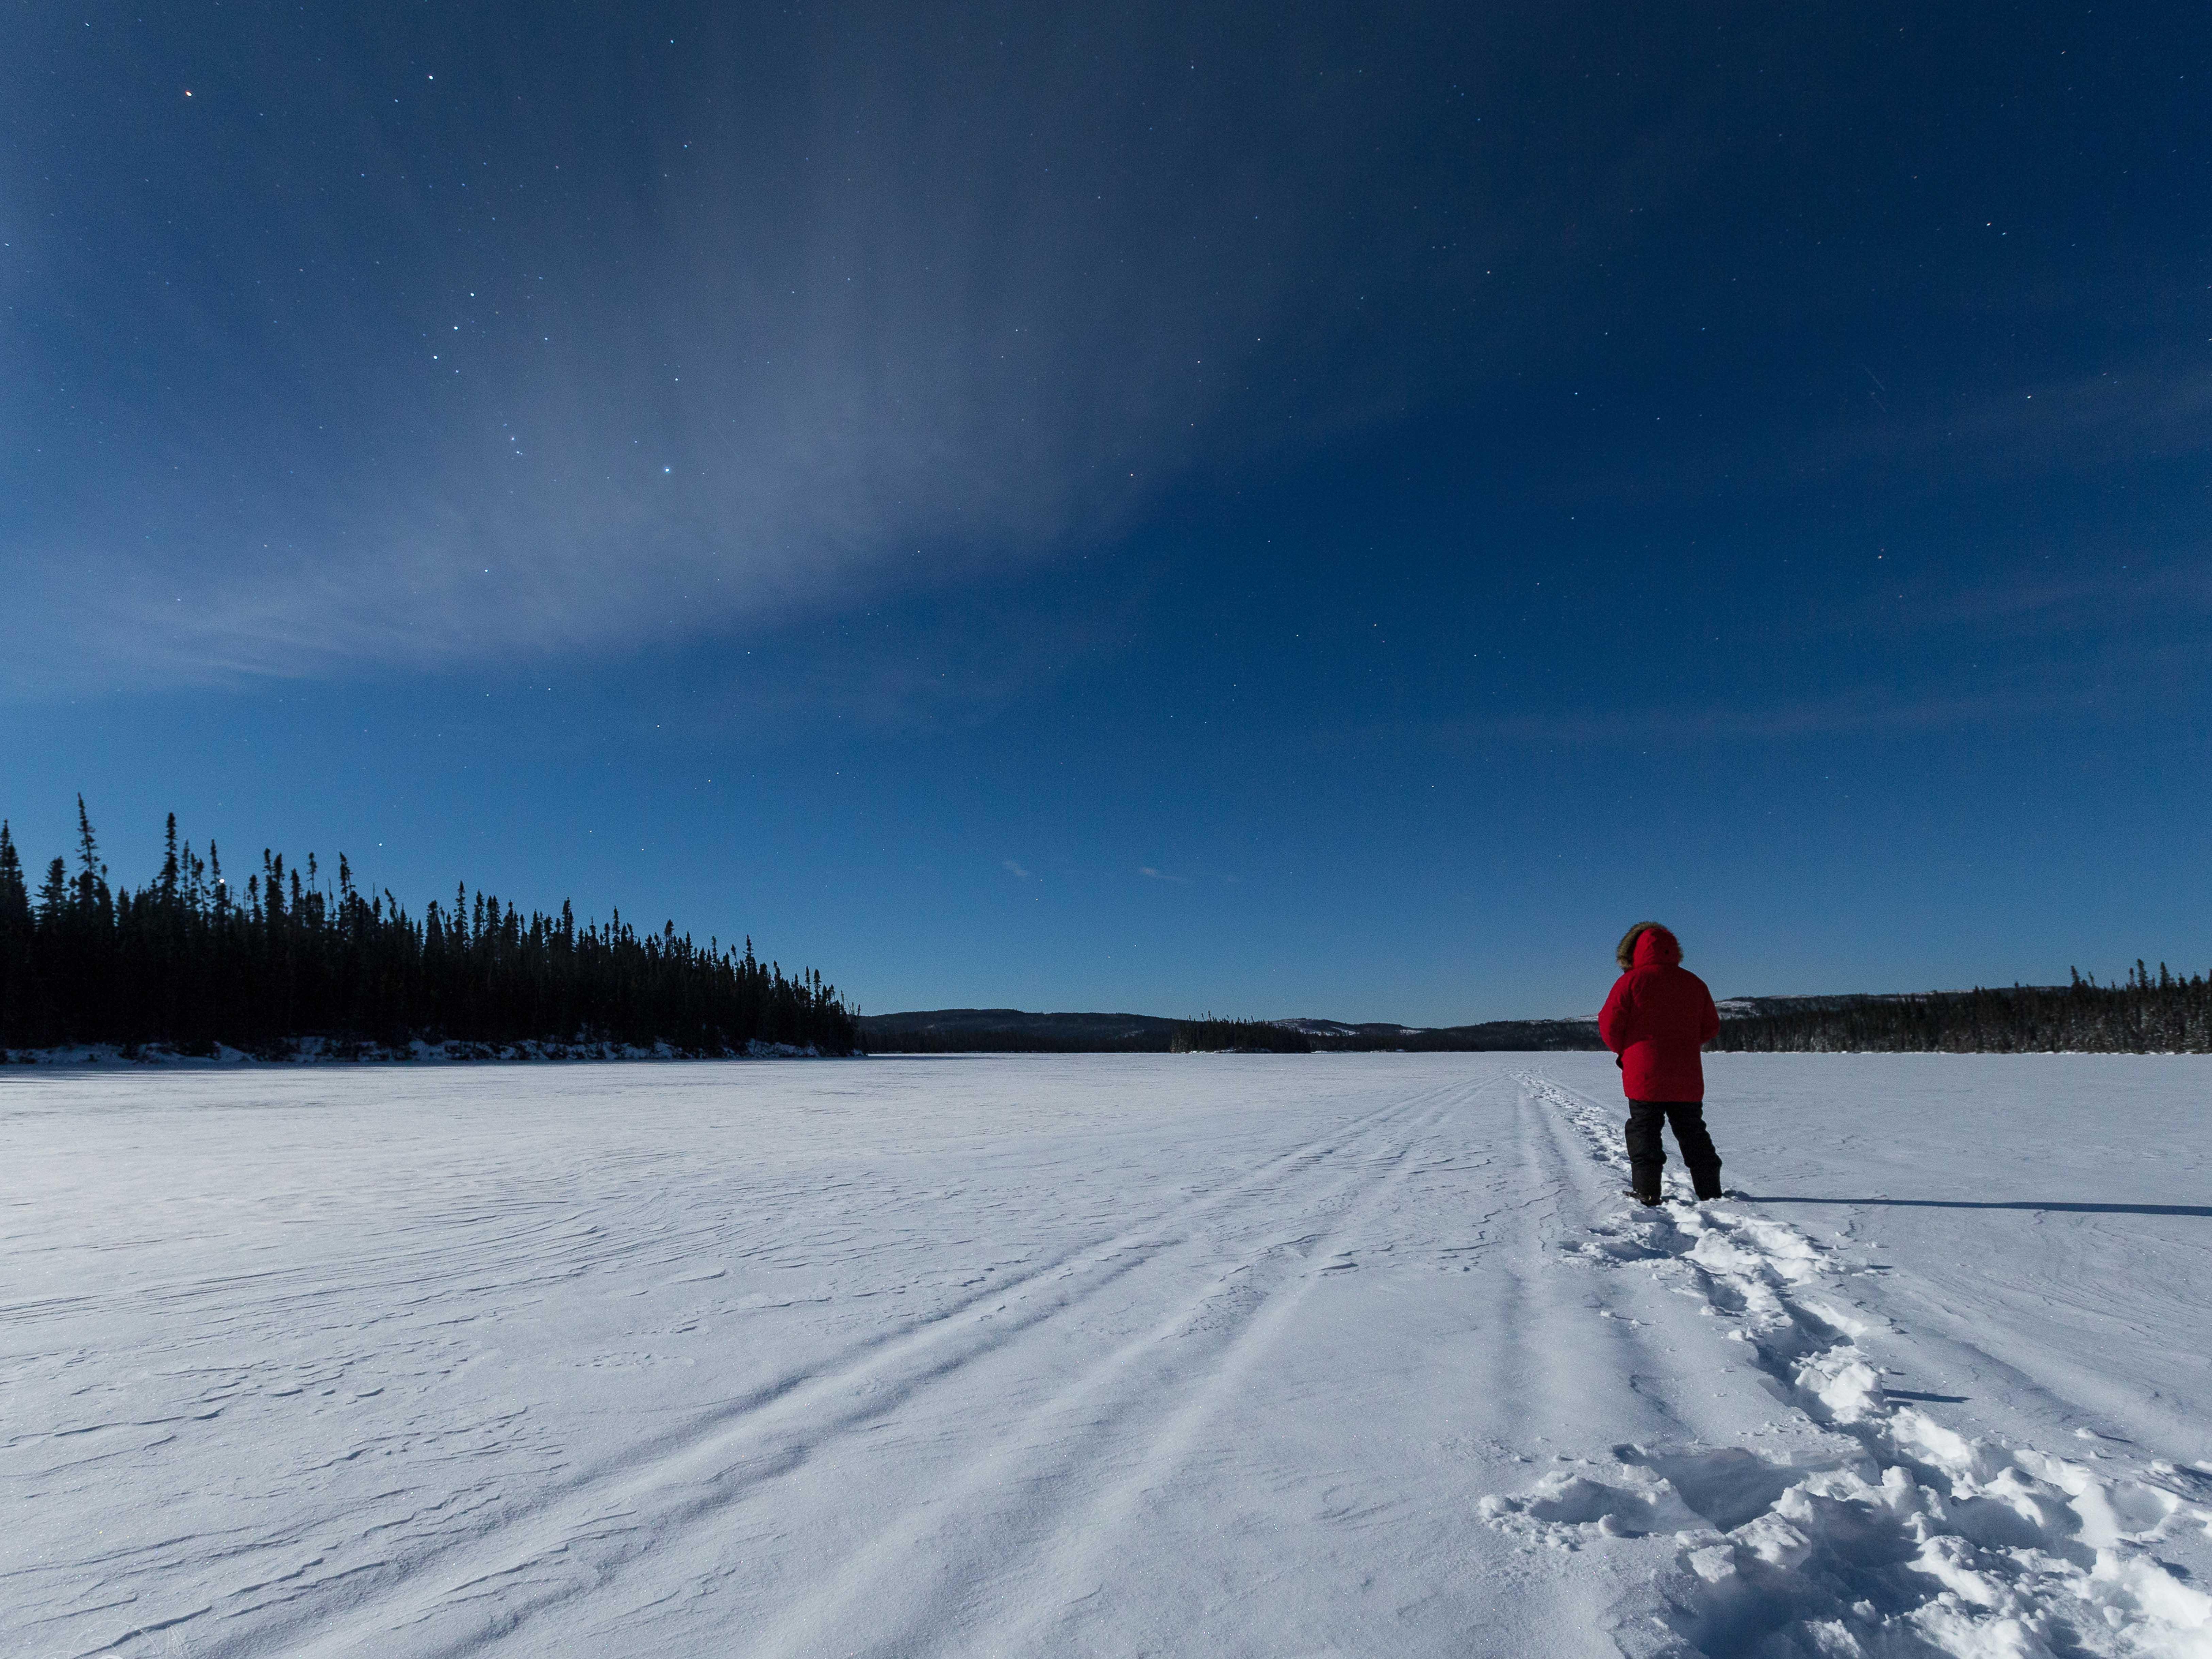 https://www.capauleste.com/wp-content/uploads/2016/08/boreal.jpg